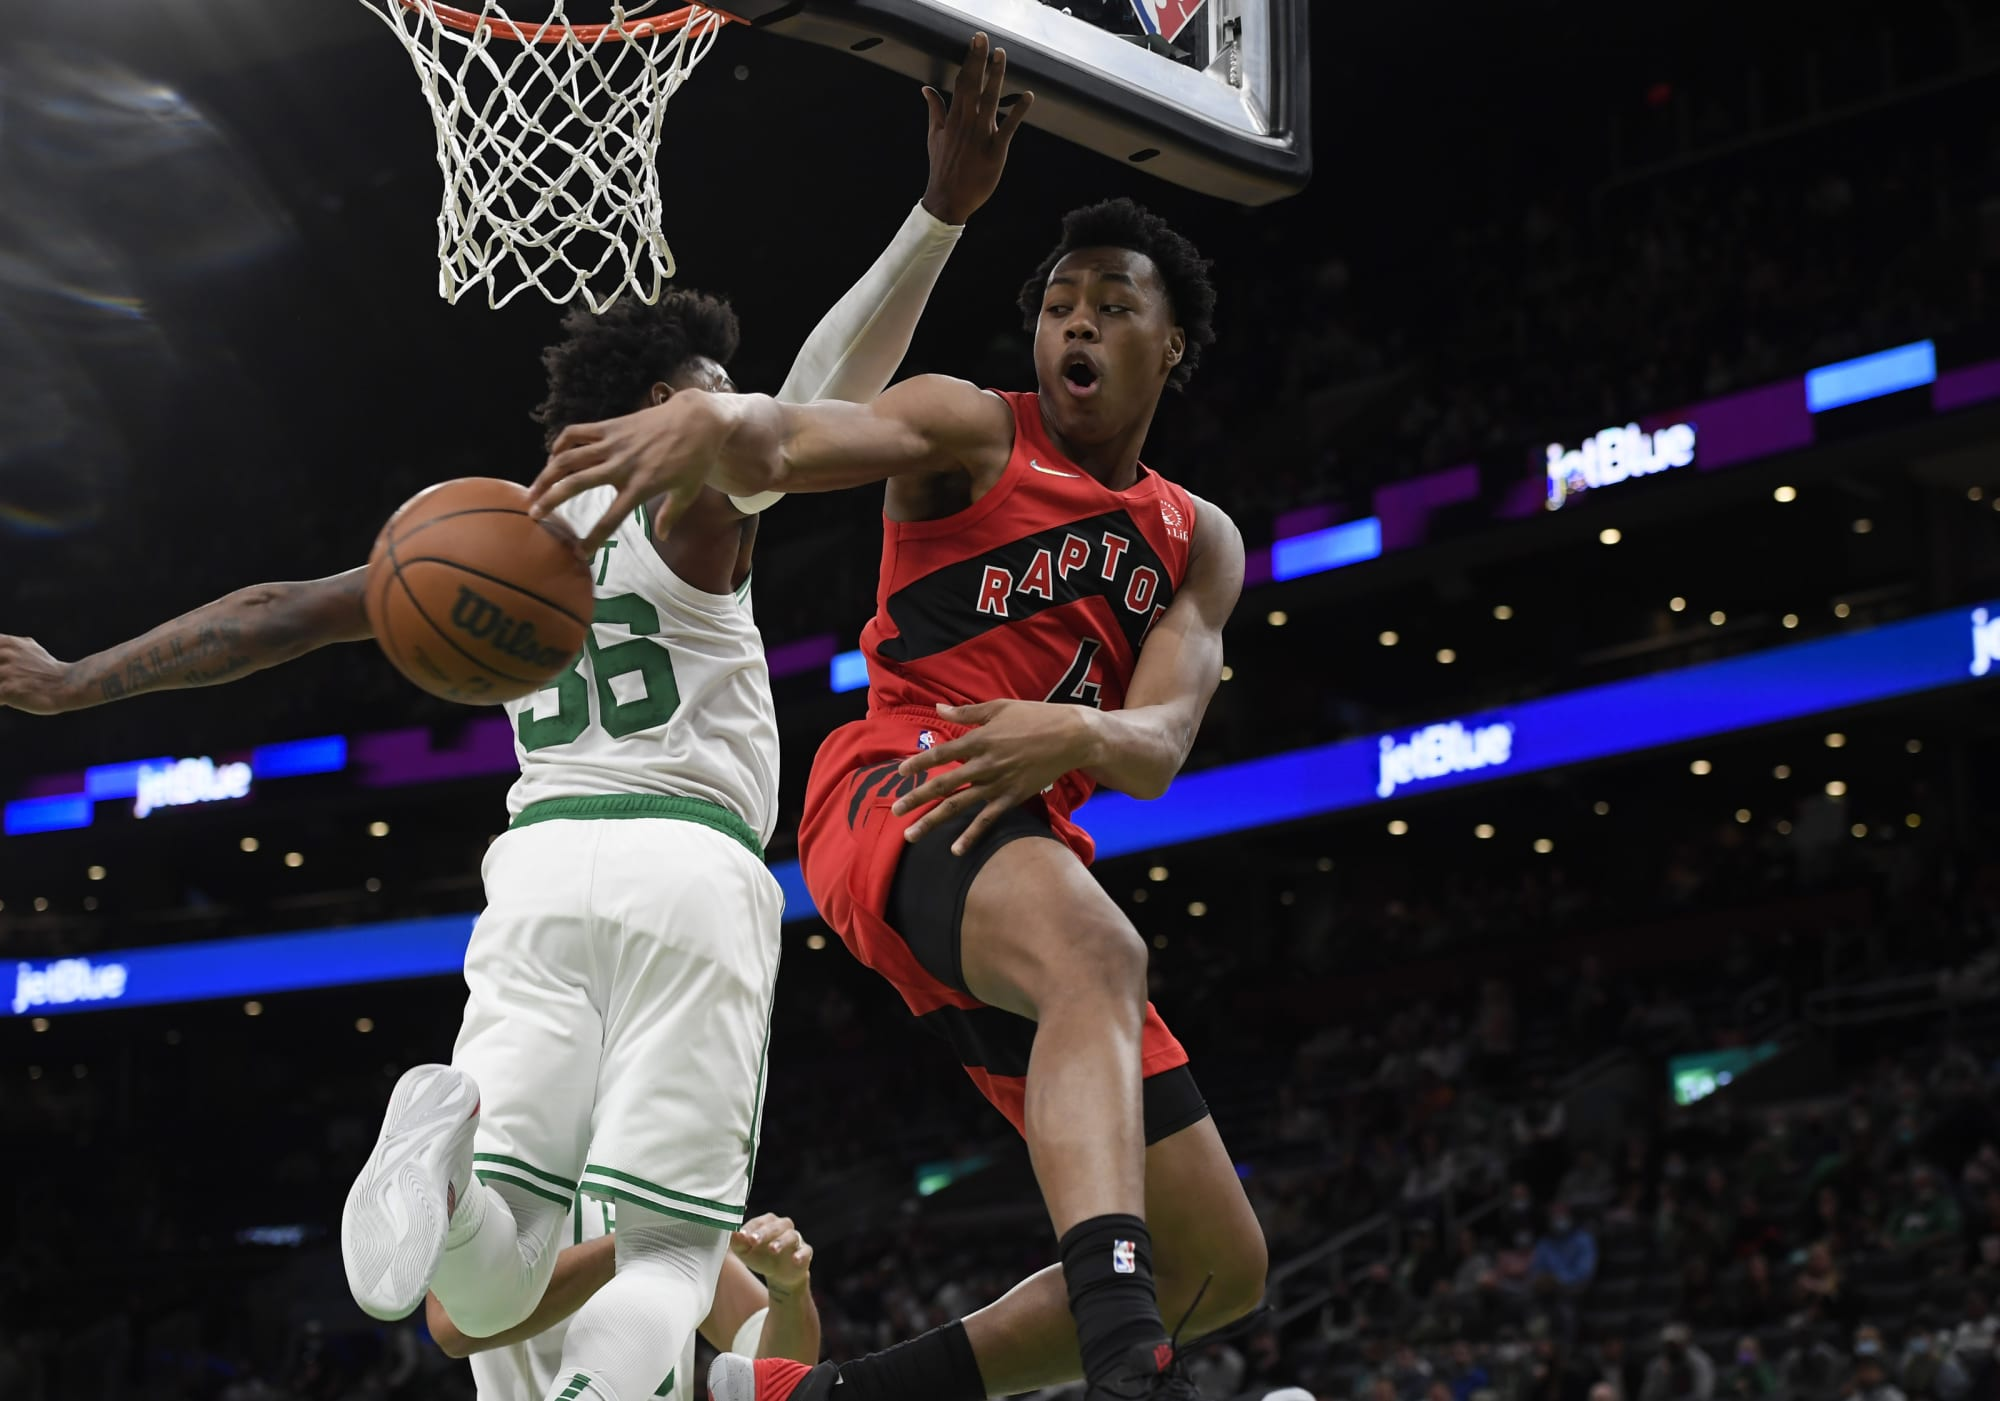 Raptors Game Today: Rockets vs Raptors Odds, Prediction, Pick, TV for Oct. 11